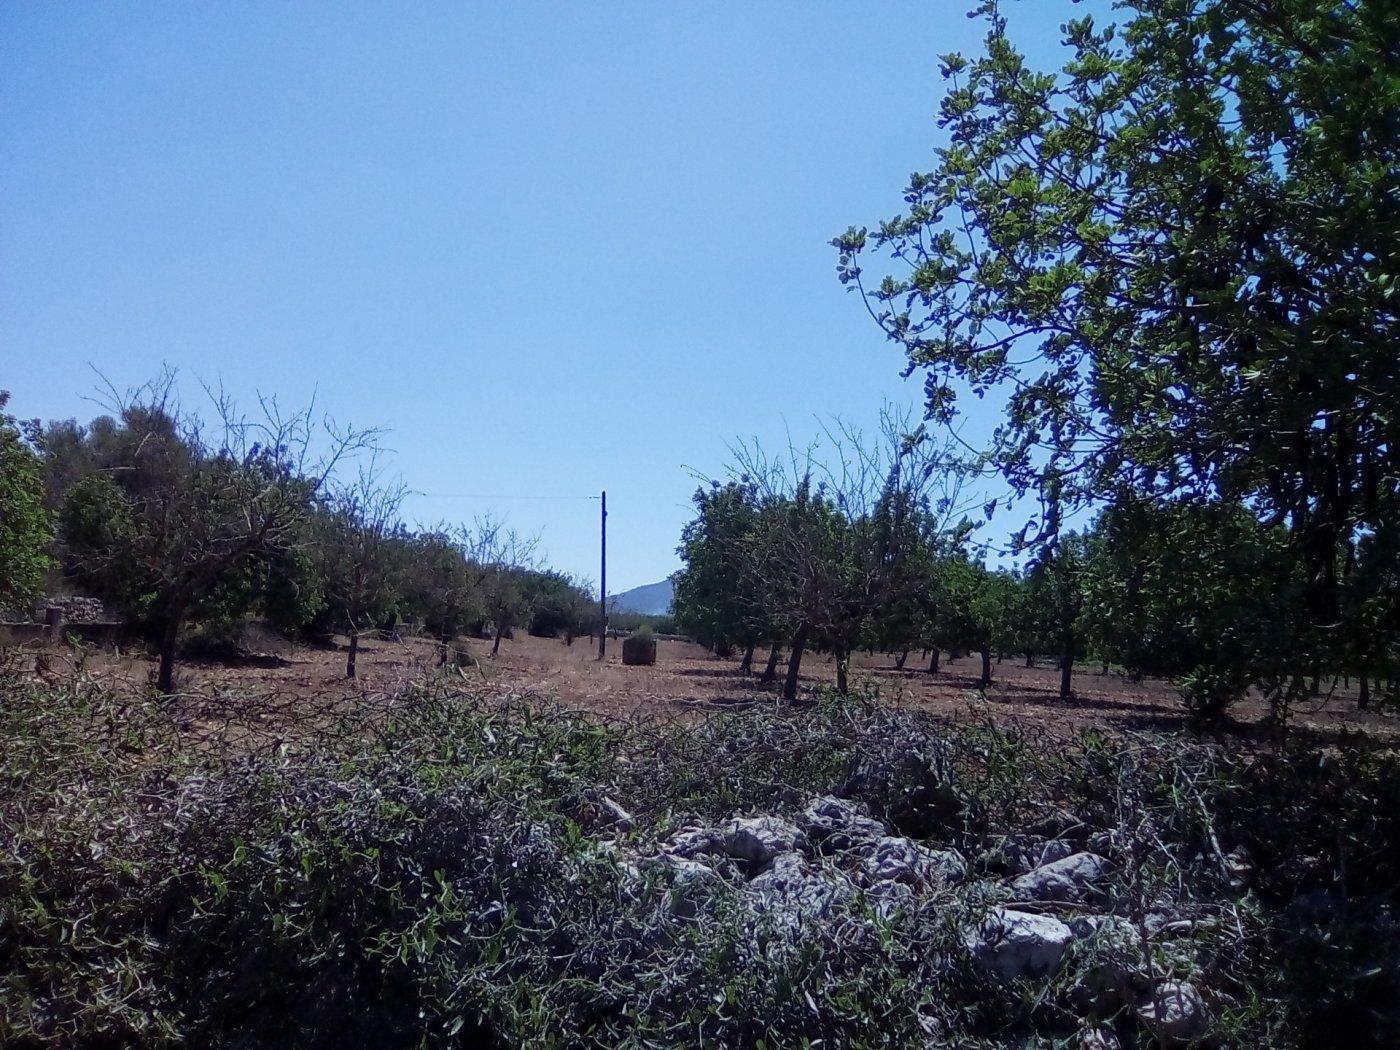 Finca rustica en venta con casa de campo en son valls felanitx - imagenInmueble8